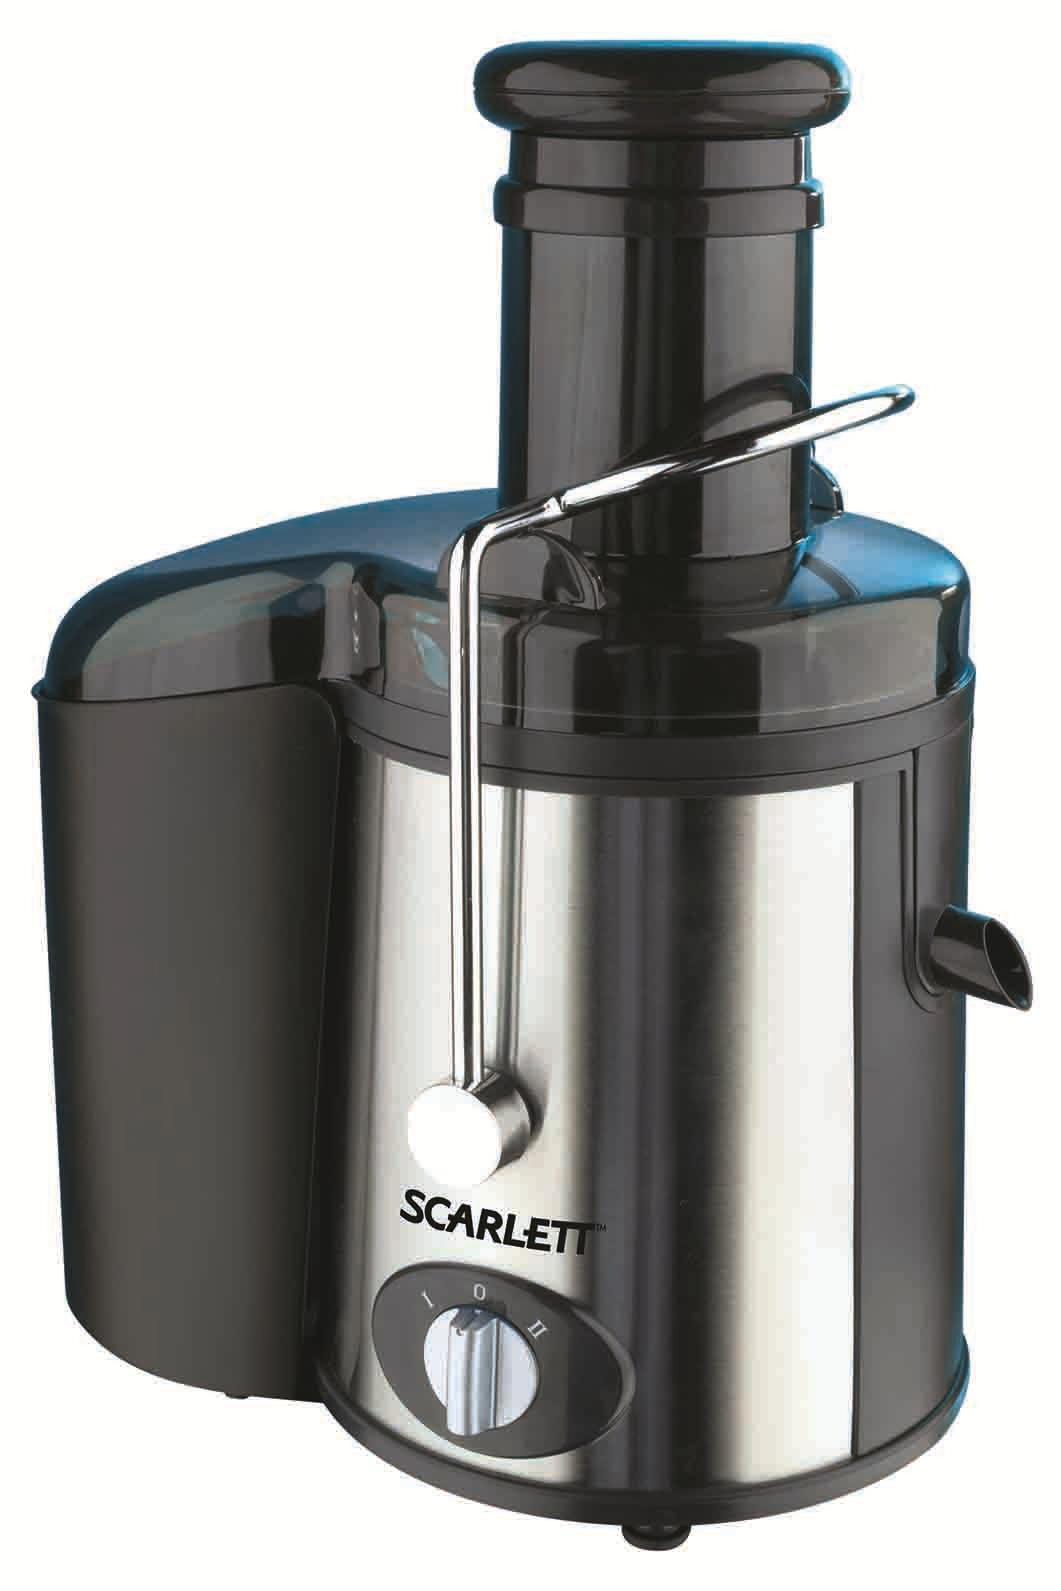 Scarlett SC-013 соковыжималкаSC-013Scarlett SC-013 – универсальная соковыжималка с сильными чертами характера, которые по достоинству оценит каждая домохозяйка, привыкшая выбирать только качественную и практичную бытовую технику для своего дома! Мощность Scarlett SC-013 высокая – 1000 Вт, скоростных режимов - 2. И несмотря на это, ее вес составляет всего лишь 4 кг. А это значит, что данная модель относится к легким и компактным, особенно, если учесть и то, что ее корпус изготовлен из нержавеющей стали. Из аналогичного материала изготовлен и центрифужный механизм соковыжималки, а точнее его сетка – фильтр, которая без труда снимается и моется под простой водой. В целях приблизить условия работы со Scarlett SC-013 к самым безопасным и удобным, производитель внедрил в эту модель новейшую систему автоматической подачи сока в стакан, мгновенный выброс мякоти, а также функцию защиты от случайного включения. В комплект к Scarlett SC-013 съемный резервуар для подачи сока и автоматического выброса мякоти, а также...